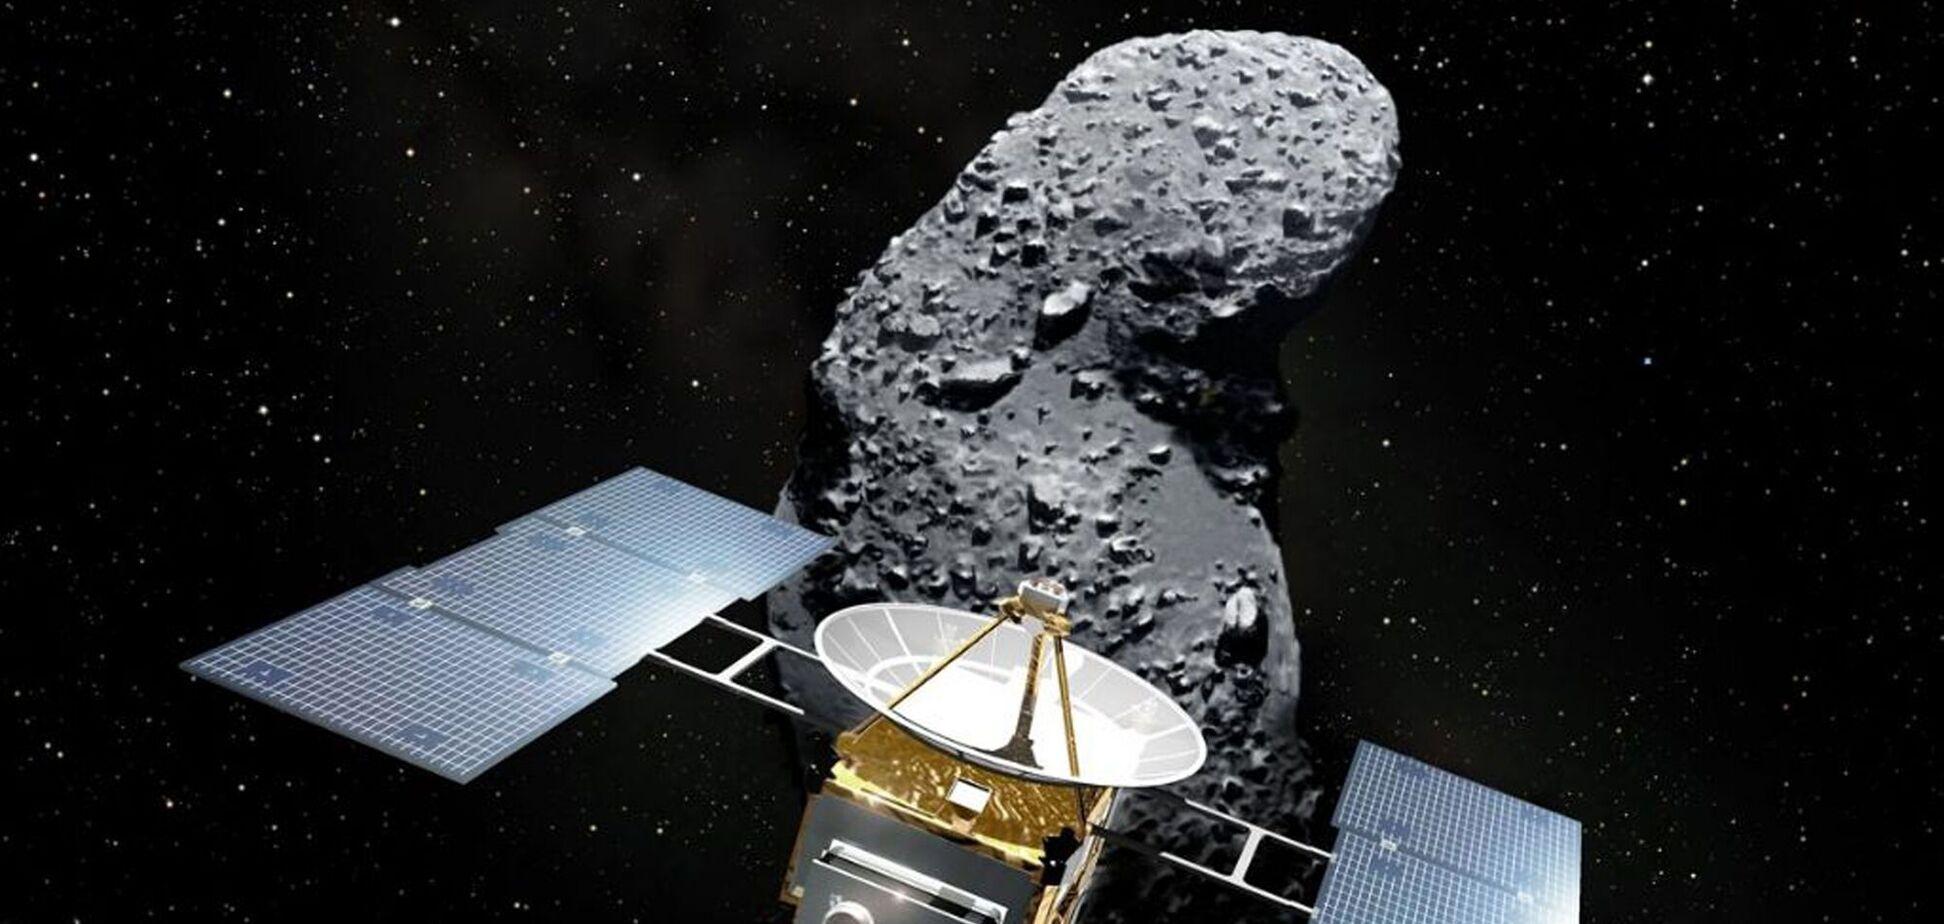 Ученые нашли воду в метеорите возрастом 4,6 млрд лет